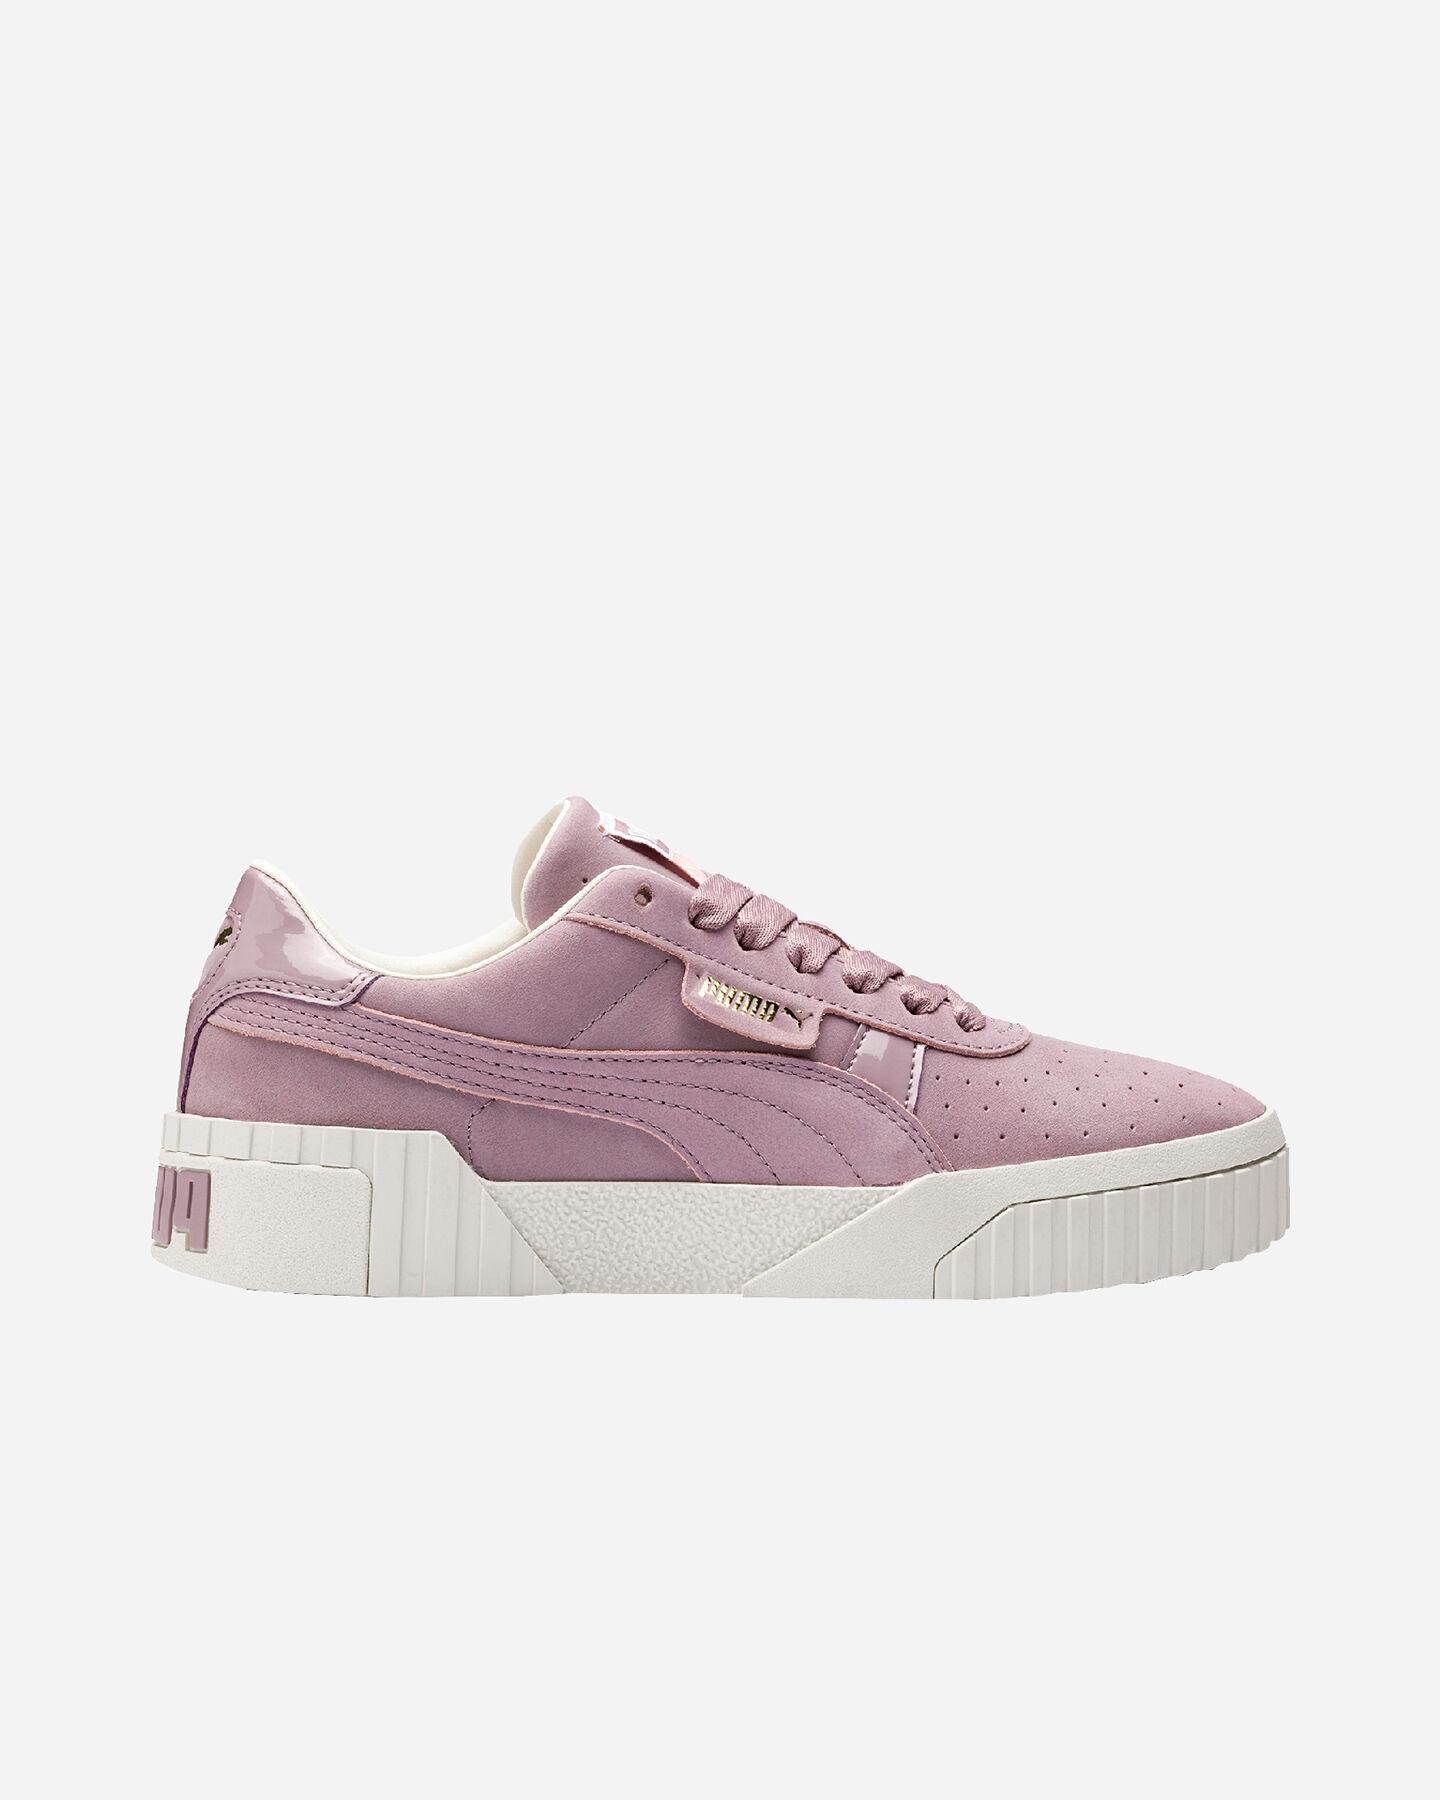 2puma cali scarpe donna